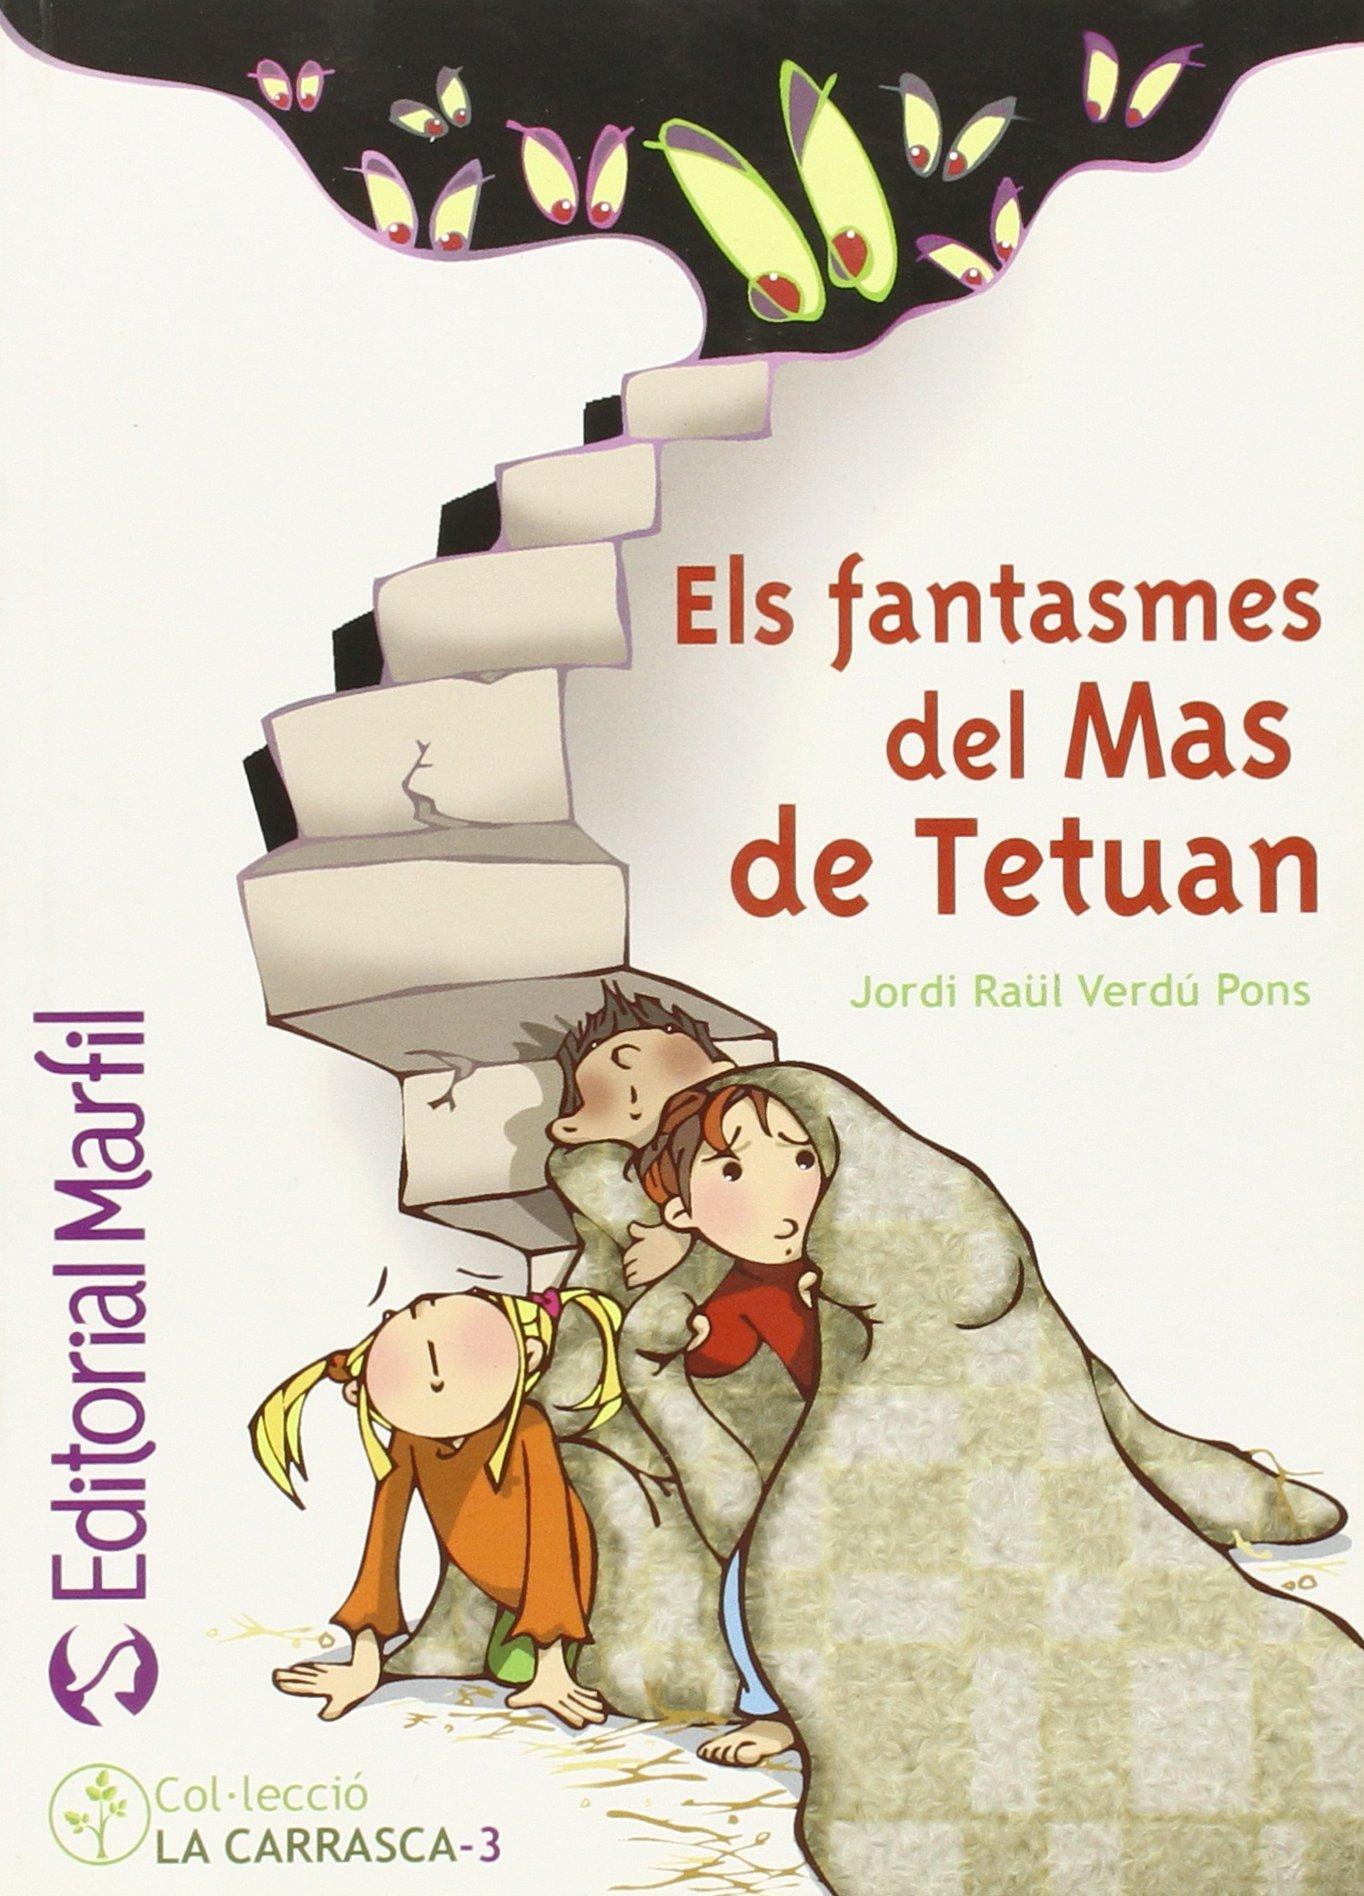 Els fantasmes del Mas de Tetuan (Narrativa Primaria) - 9788426814487 (Catalán) Tapa blanda – 2011 Jordi Raül Verdú Pons Rosanna Crespo Quique Soler Editorial Marfil